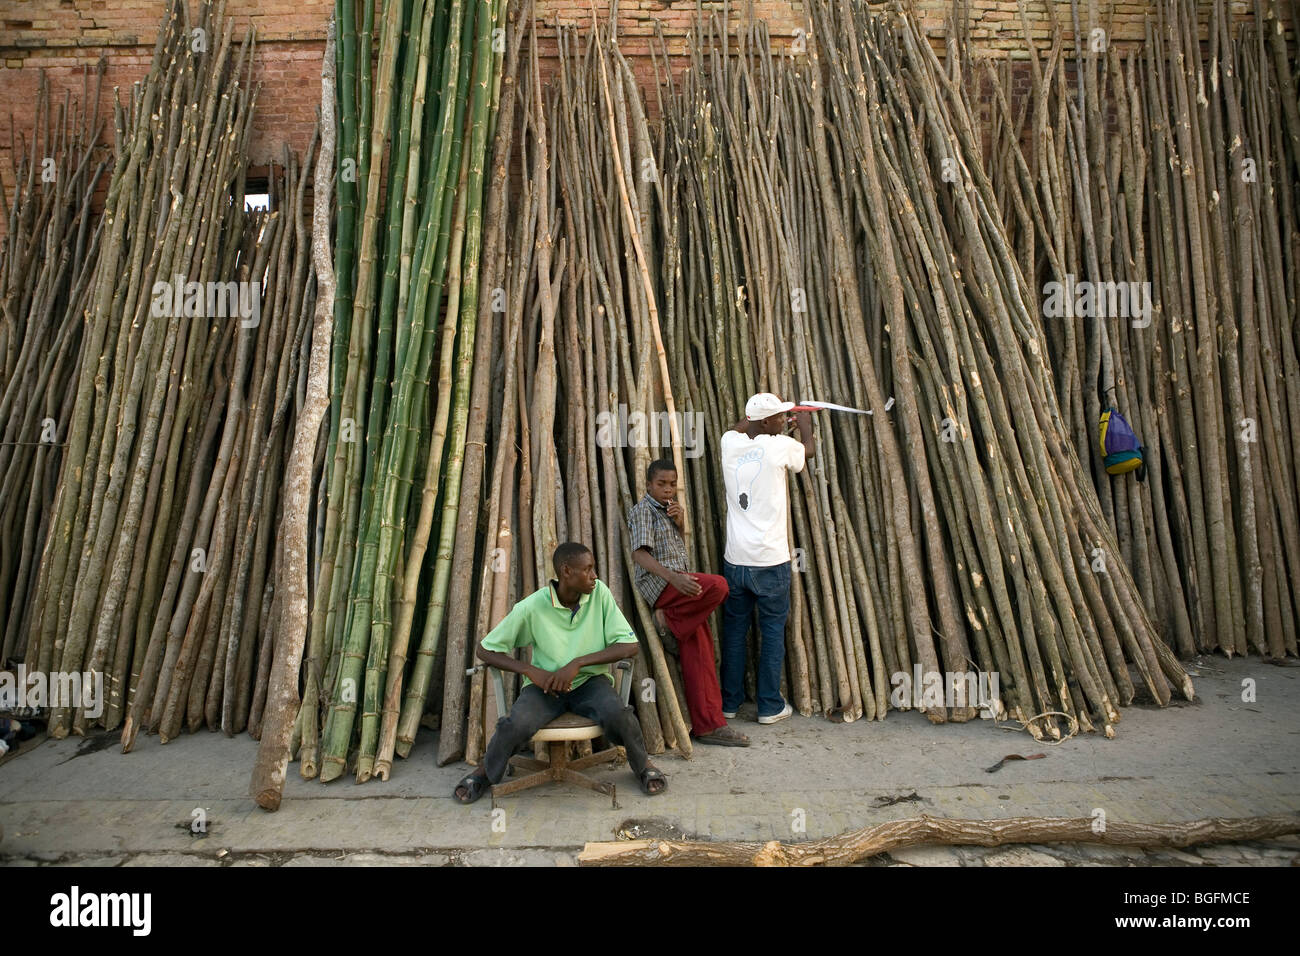 Fresh cut lumber for sale at market in Gonaives, Artibonite Department, Haiti - Stock Image